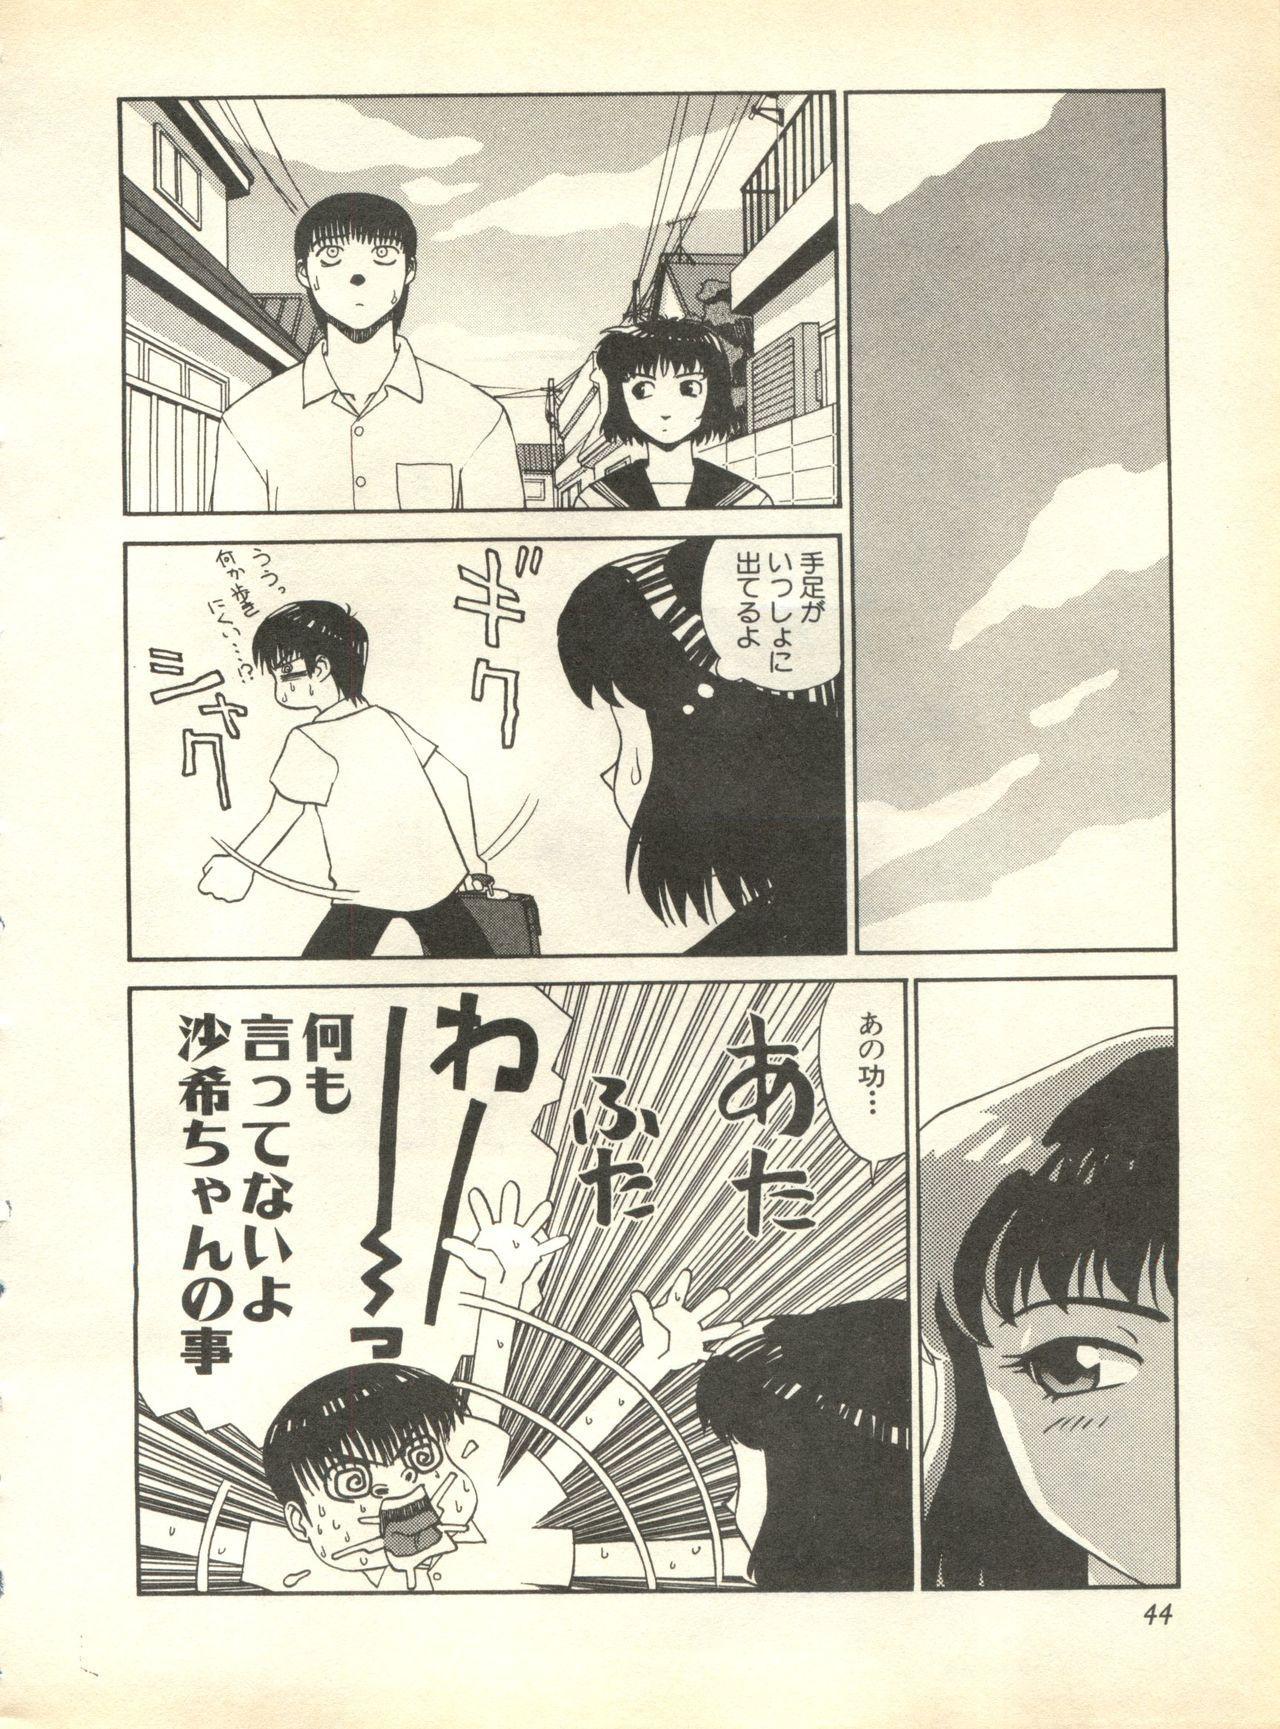 Pai;kuu 1998 October Vol. 13 43